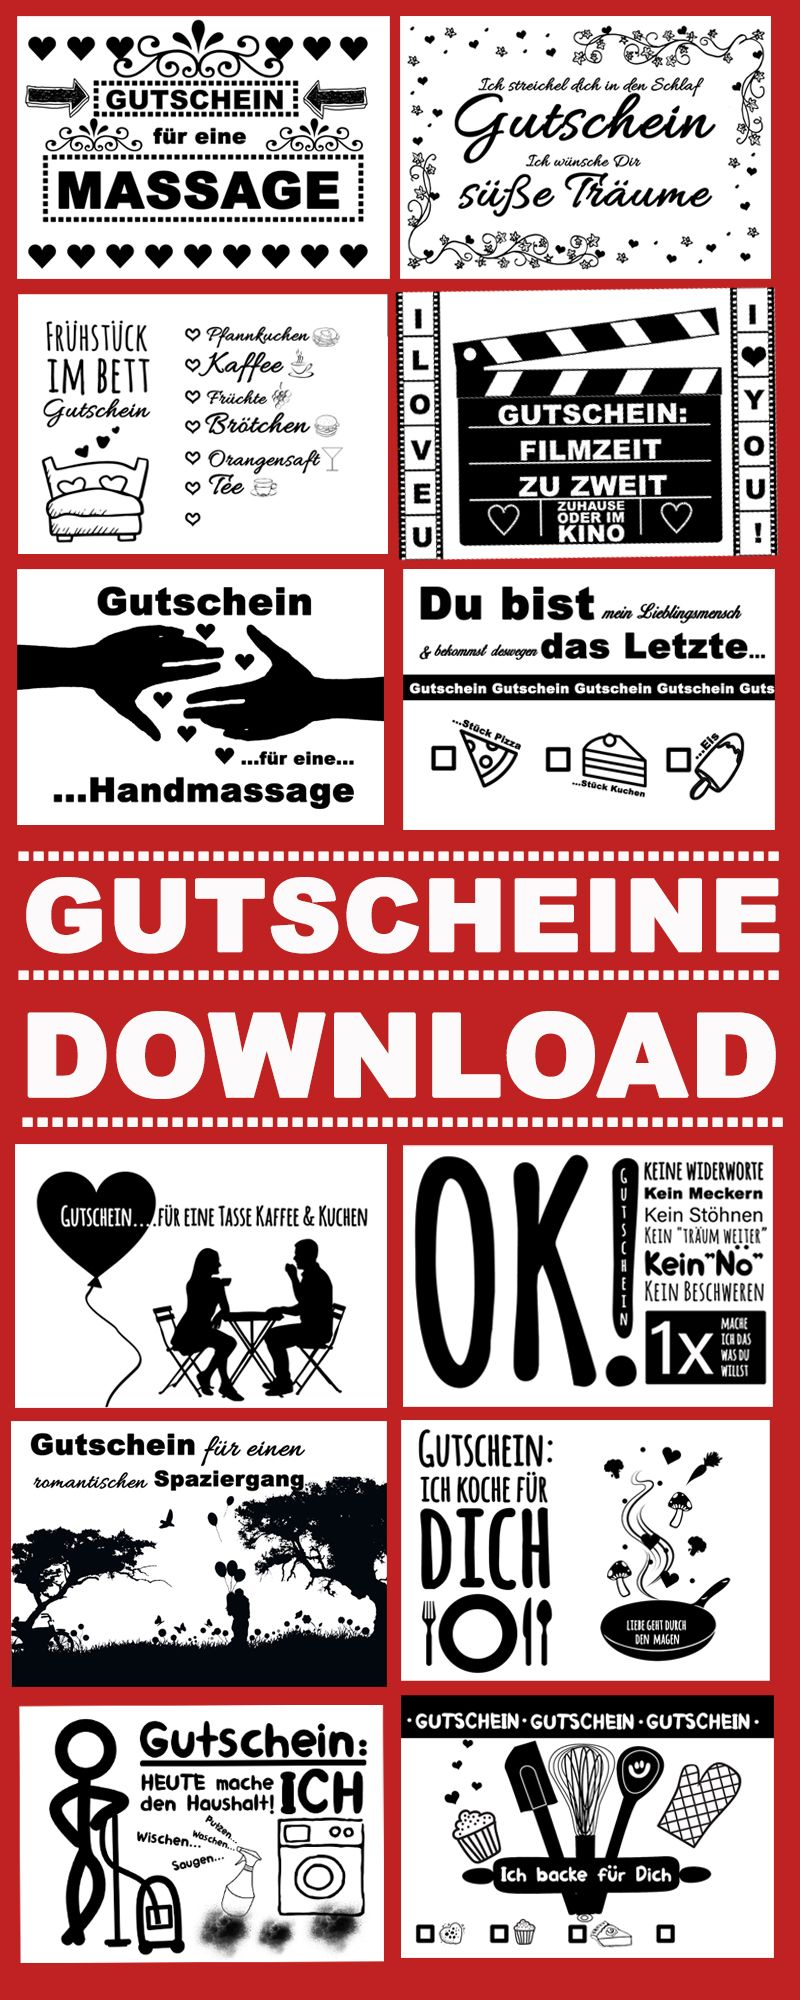 Valentinstag Gutscheine: Das perfekte Geschenk als Download! #valentinstag_gutscheine #valentinstag_download #download